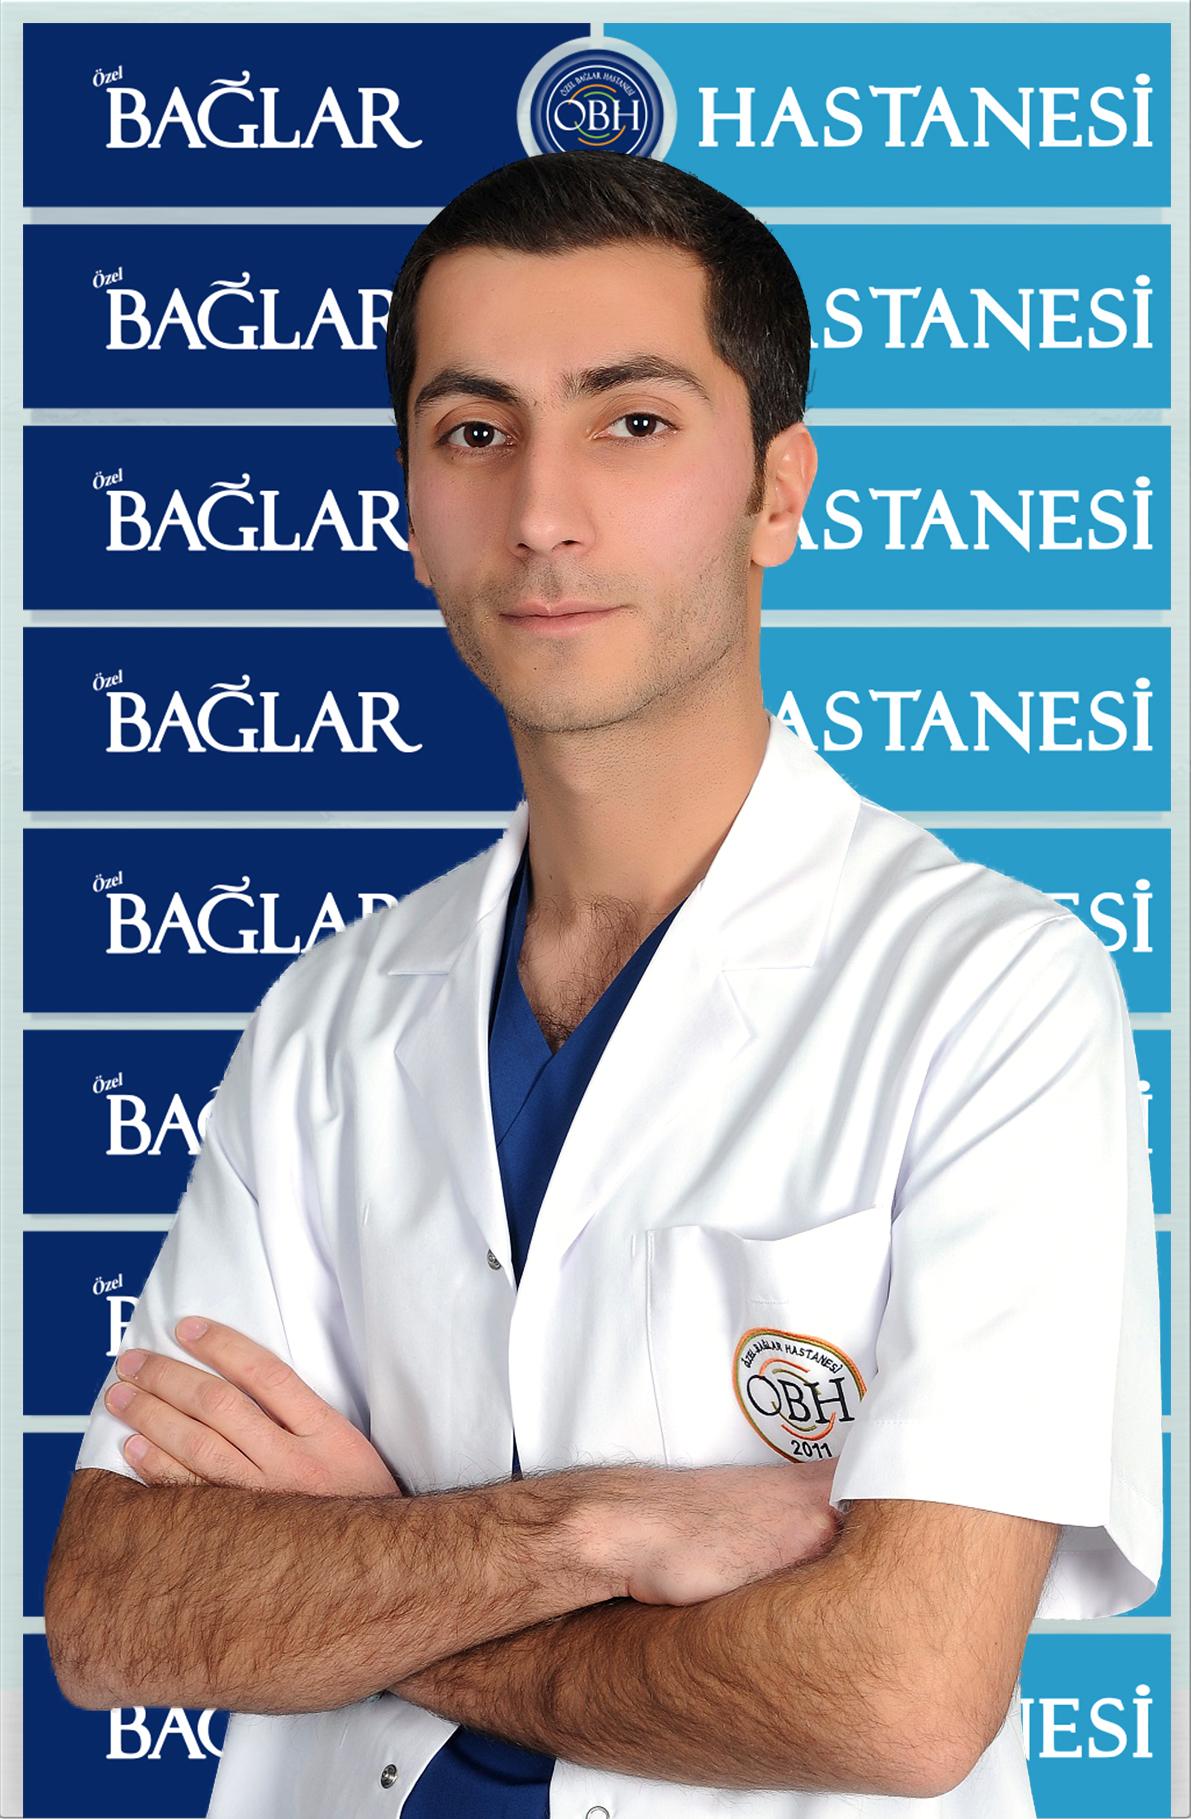 Dr. Halil Odabaşı Web